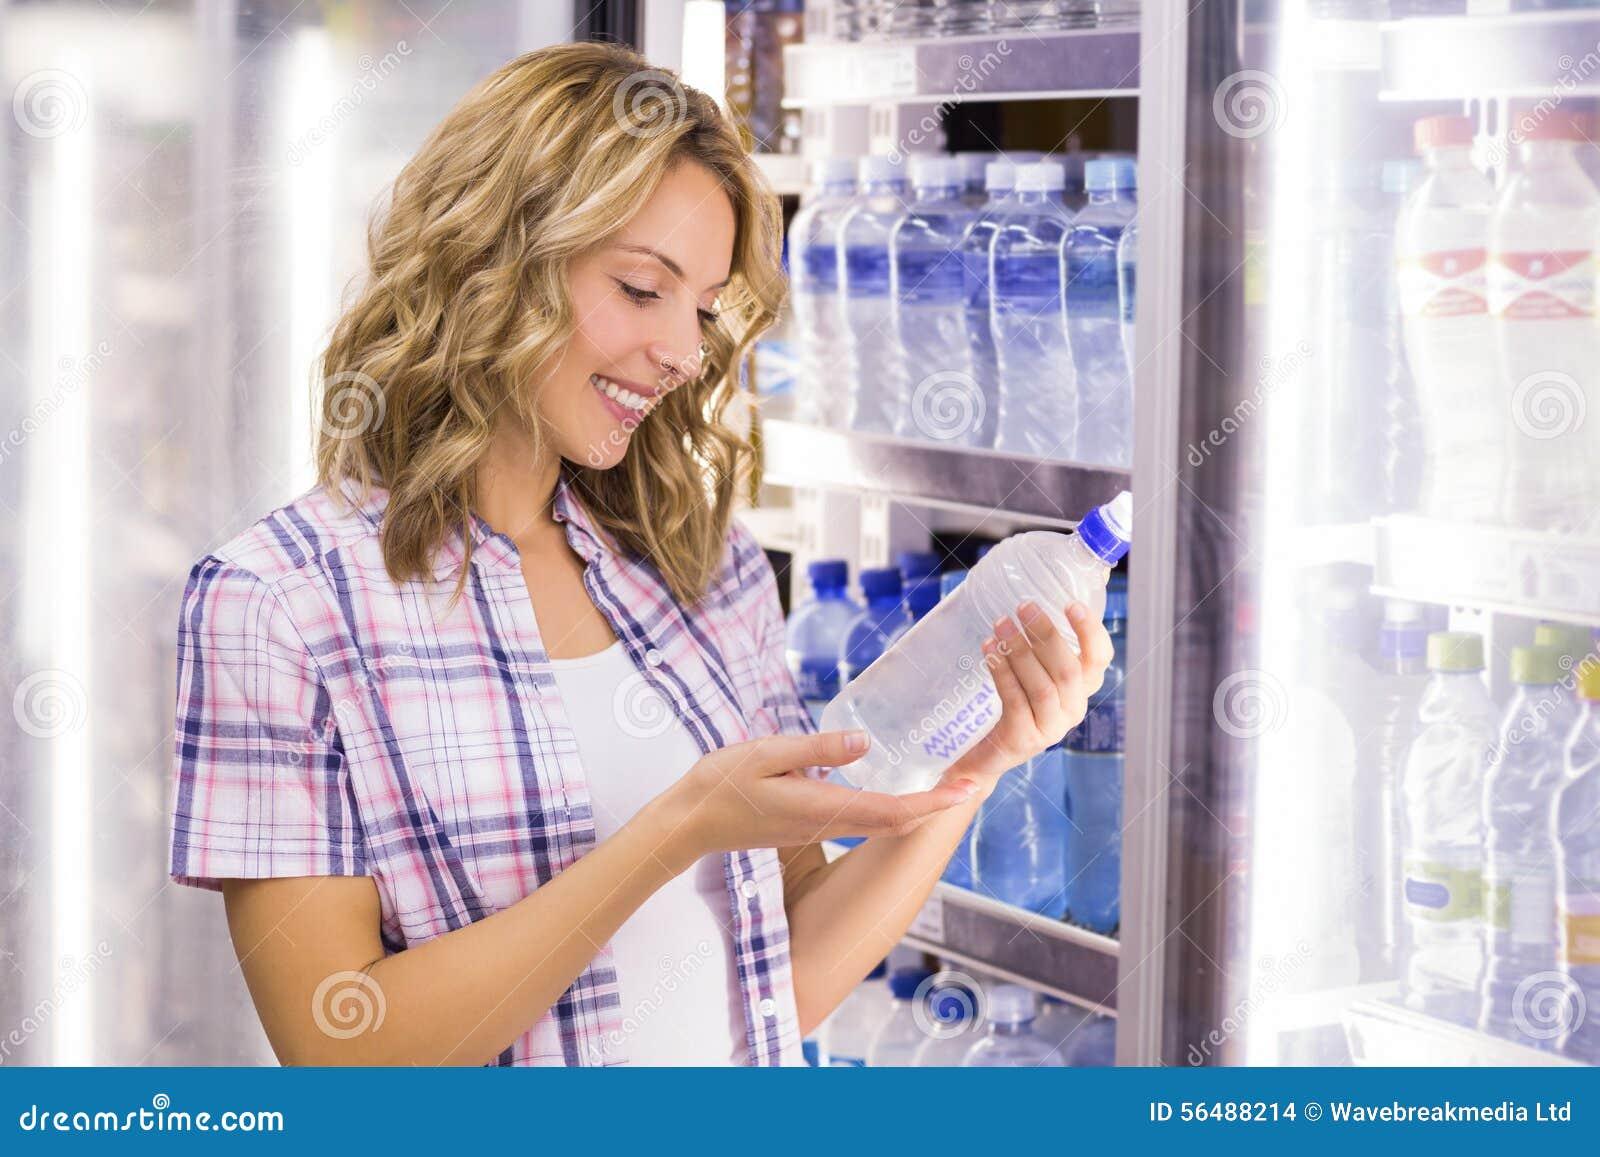 Sourire femme assez blonde regardant une bouteille d eau